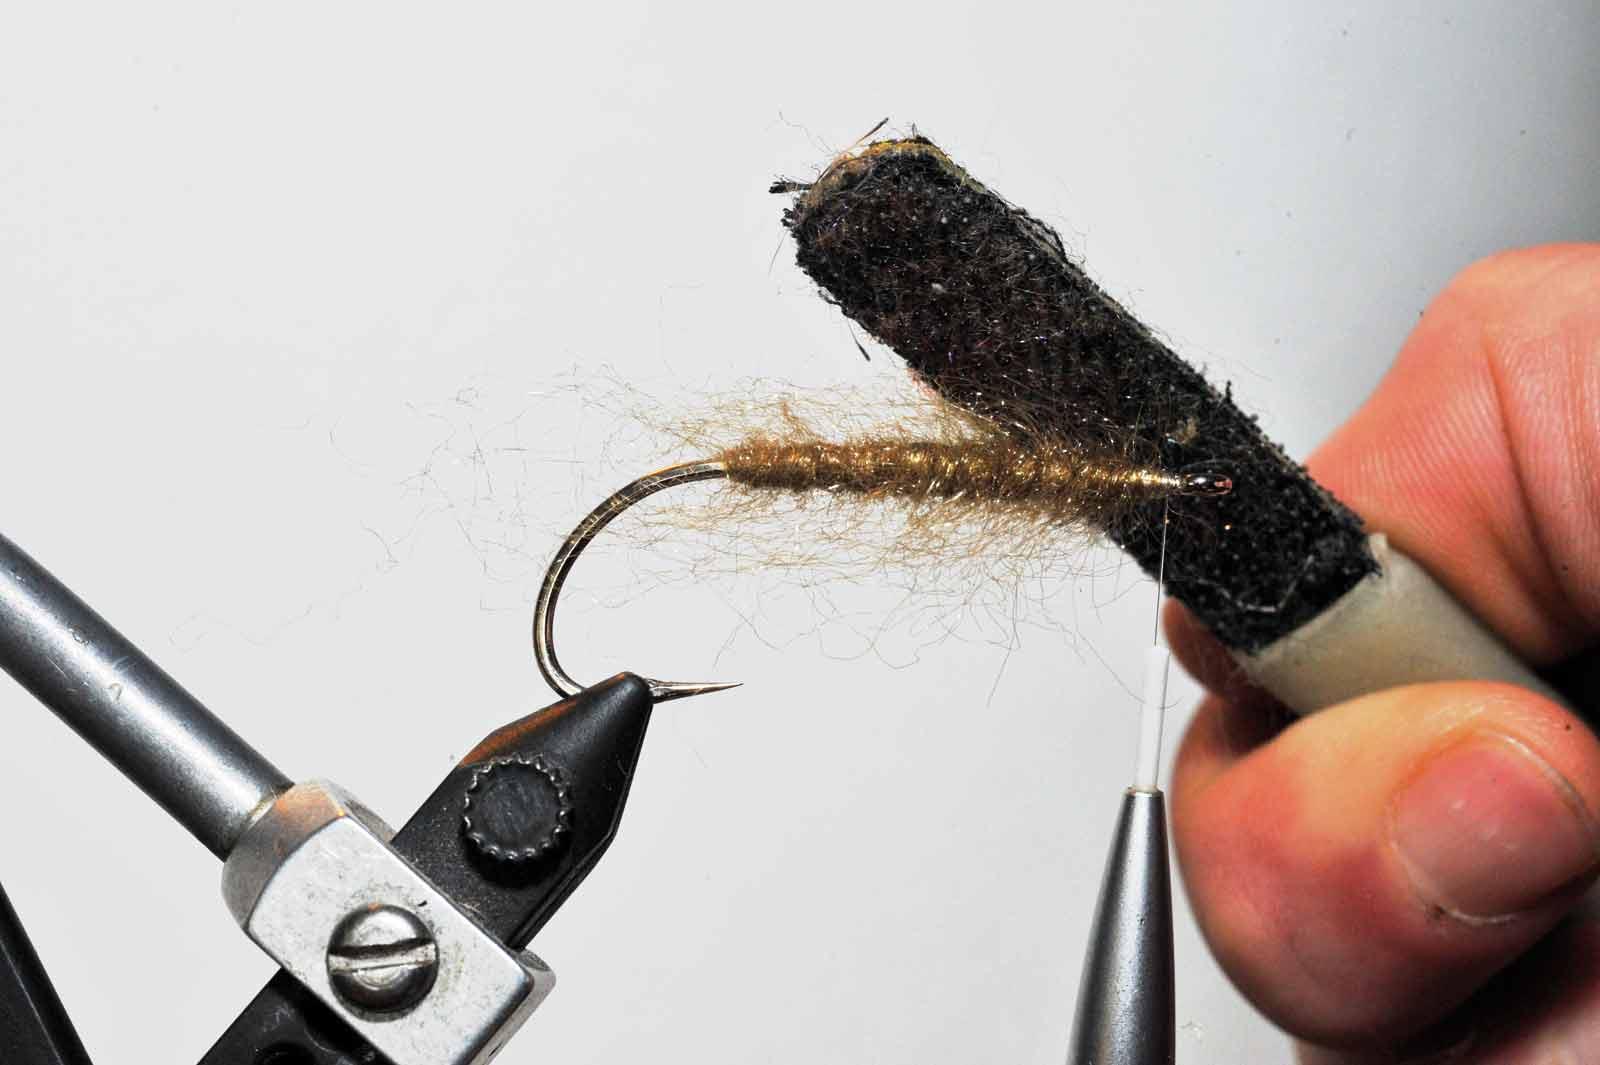 2). Dub så bindetråden med STF dubbing og tørn dubbingen hele vejen frem til krogøjet og børst dubbingen godt ud.